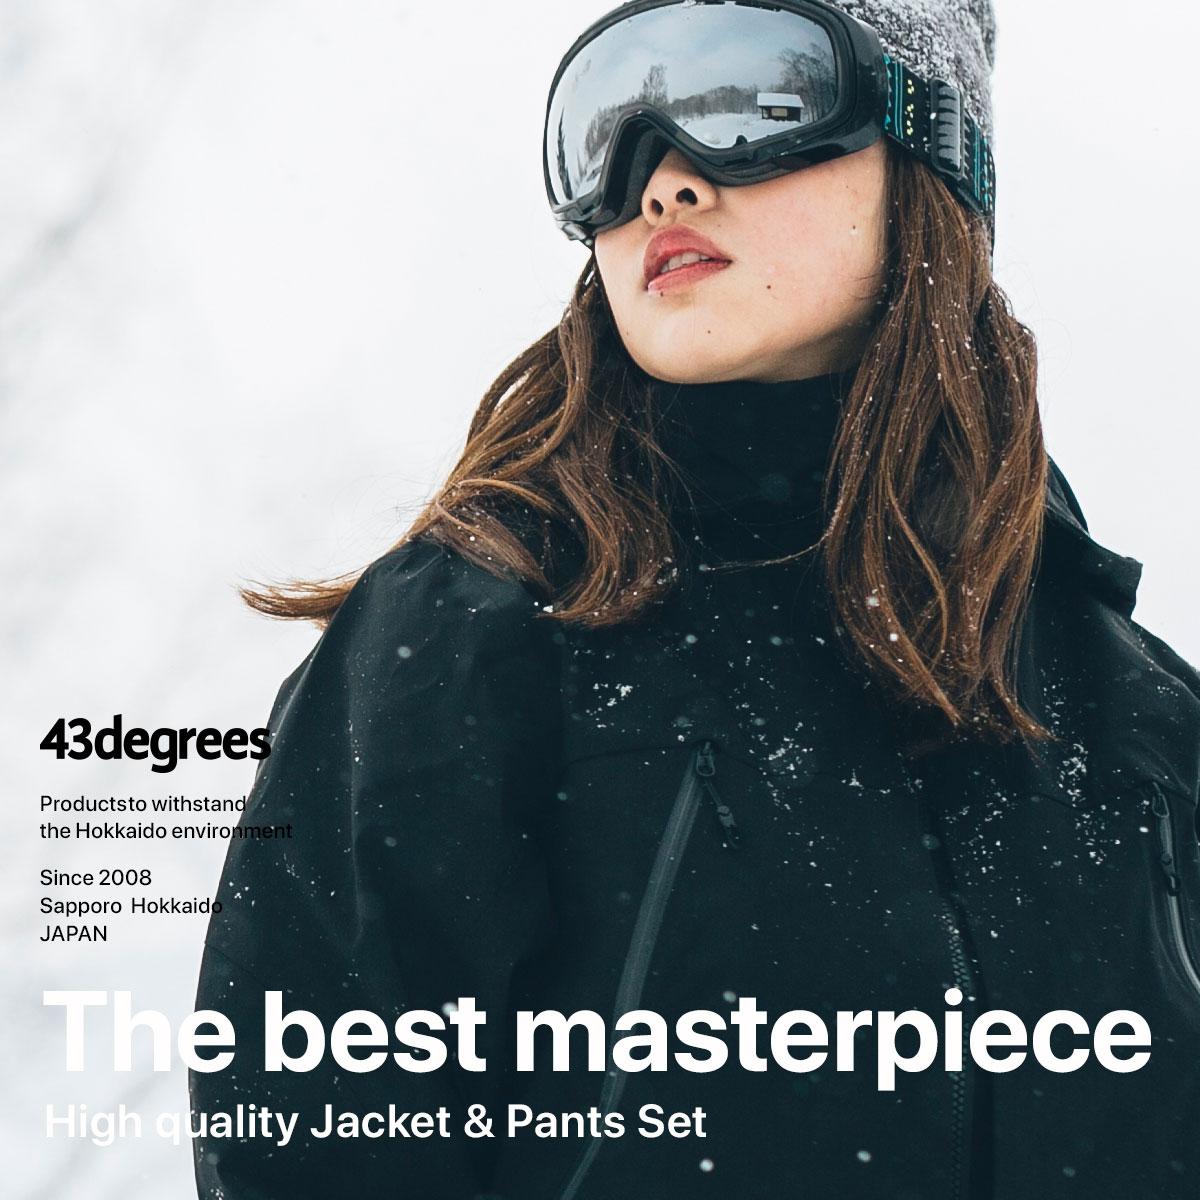 スノーボードウェア レディース ジャケット パンツ 上下 セット スキーウェア 43DEGREES 新作 スノボウェア スノーボード ウェア スノボ スノボー ウエア レディース Peak Jacket & Hang Pants 2017-18 送料無料